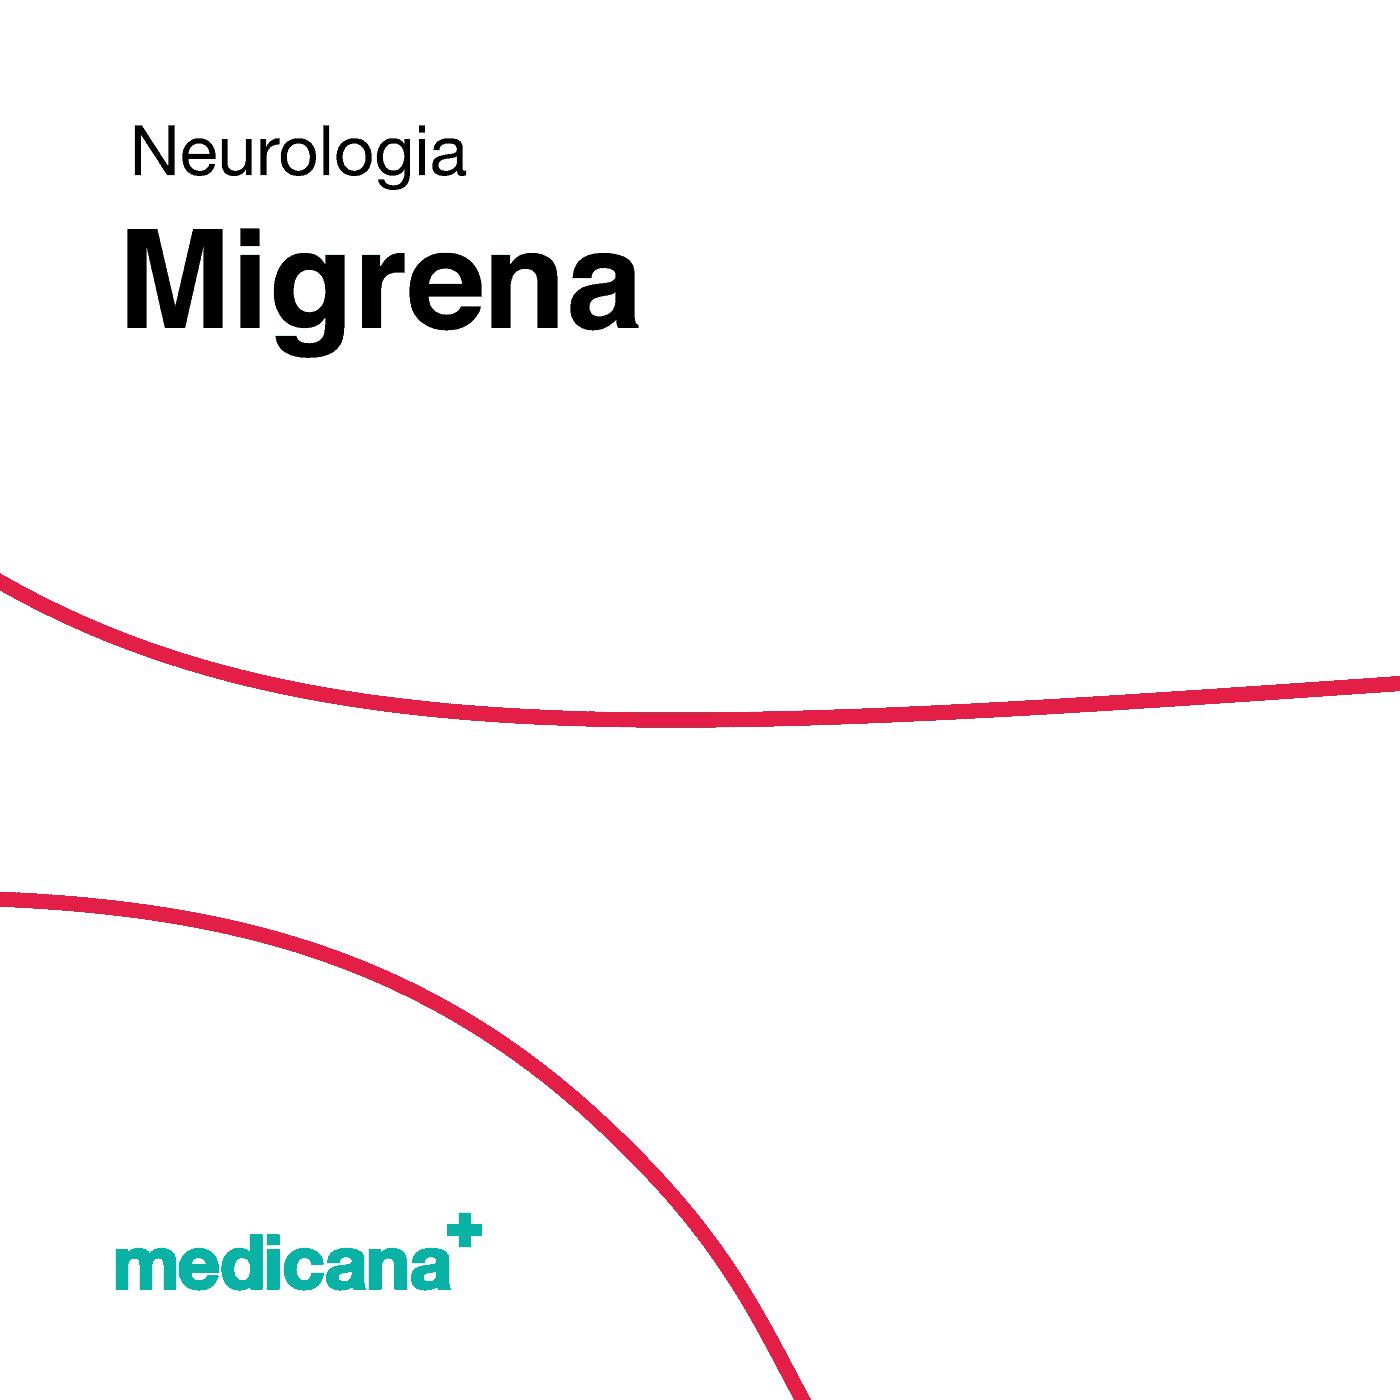 Grafika, białe tło z czerwoną kreską, czarnym napisem Neurologia - Migrena oraz zielonym logo Medicana w lewym dolnym rogu.